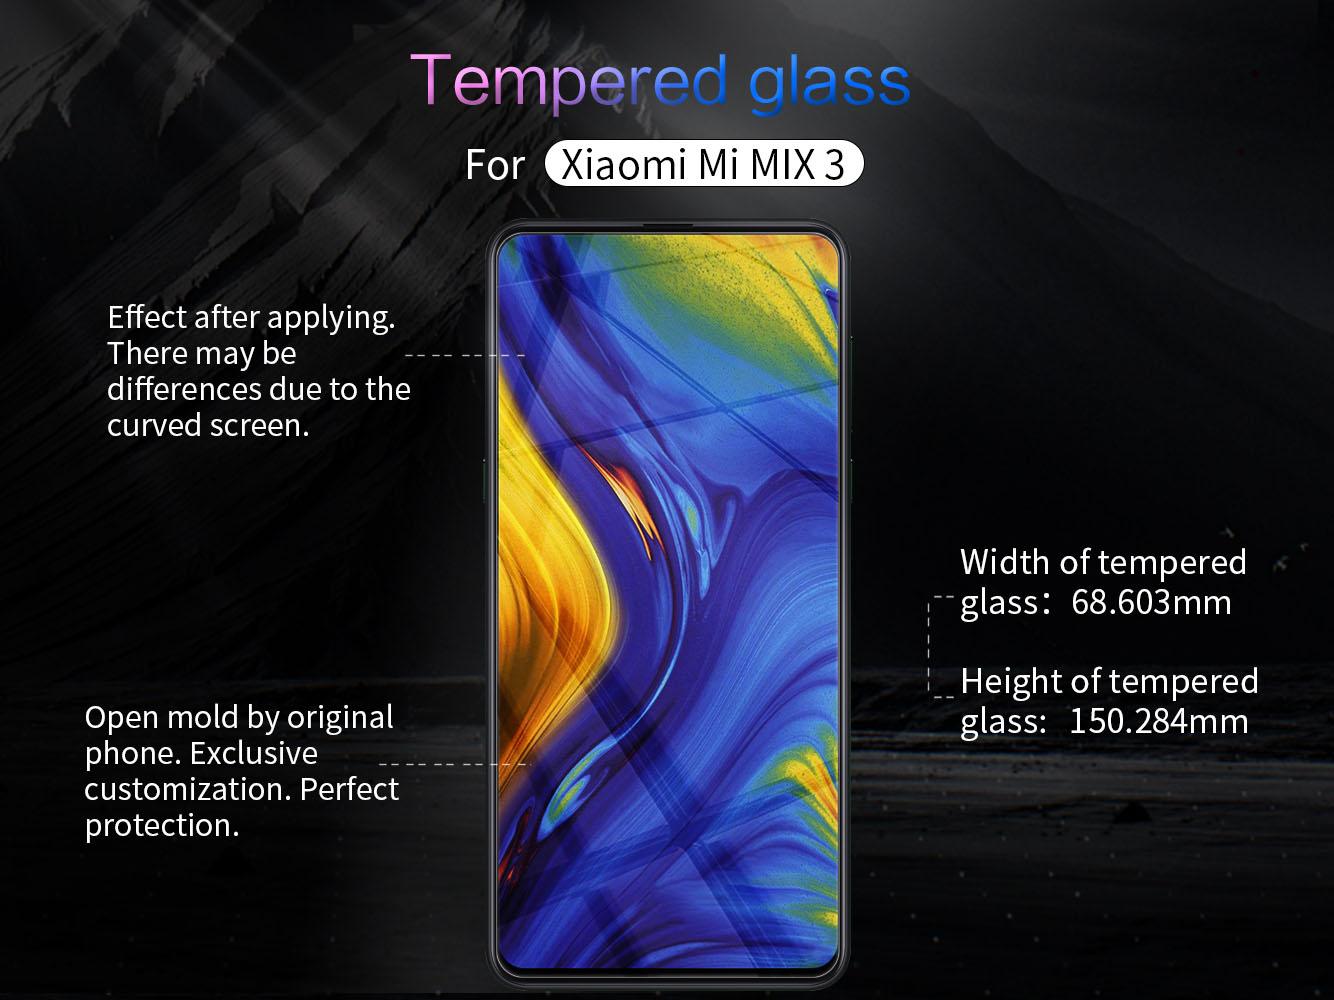 XIAOMI Mi MIX 3 screen protector